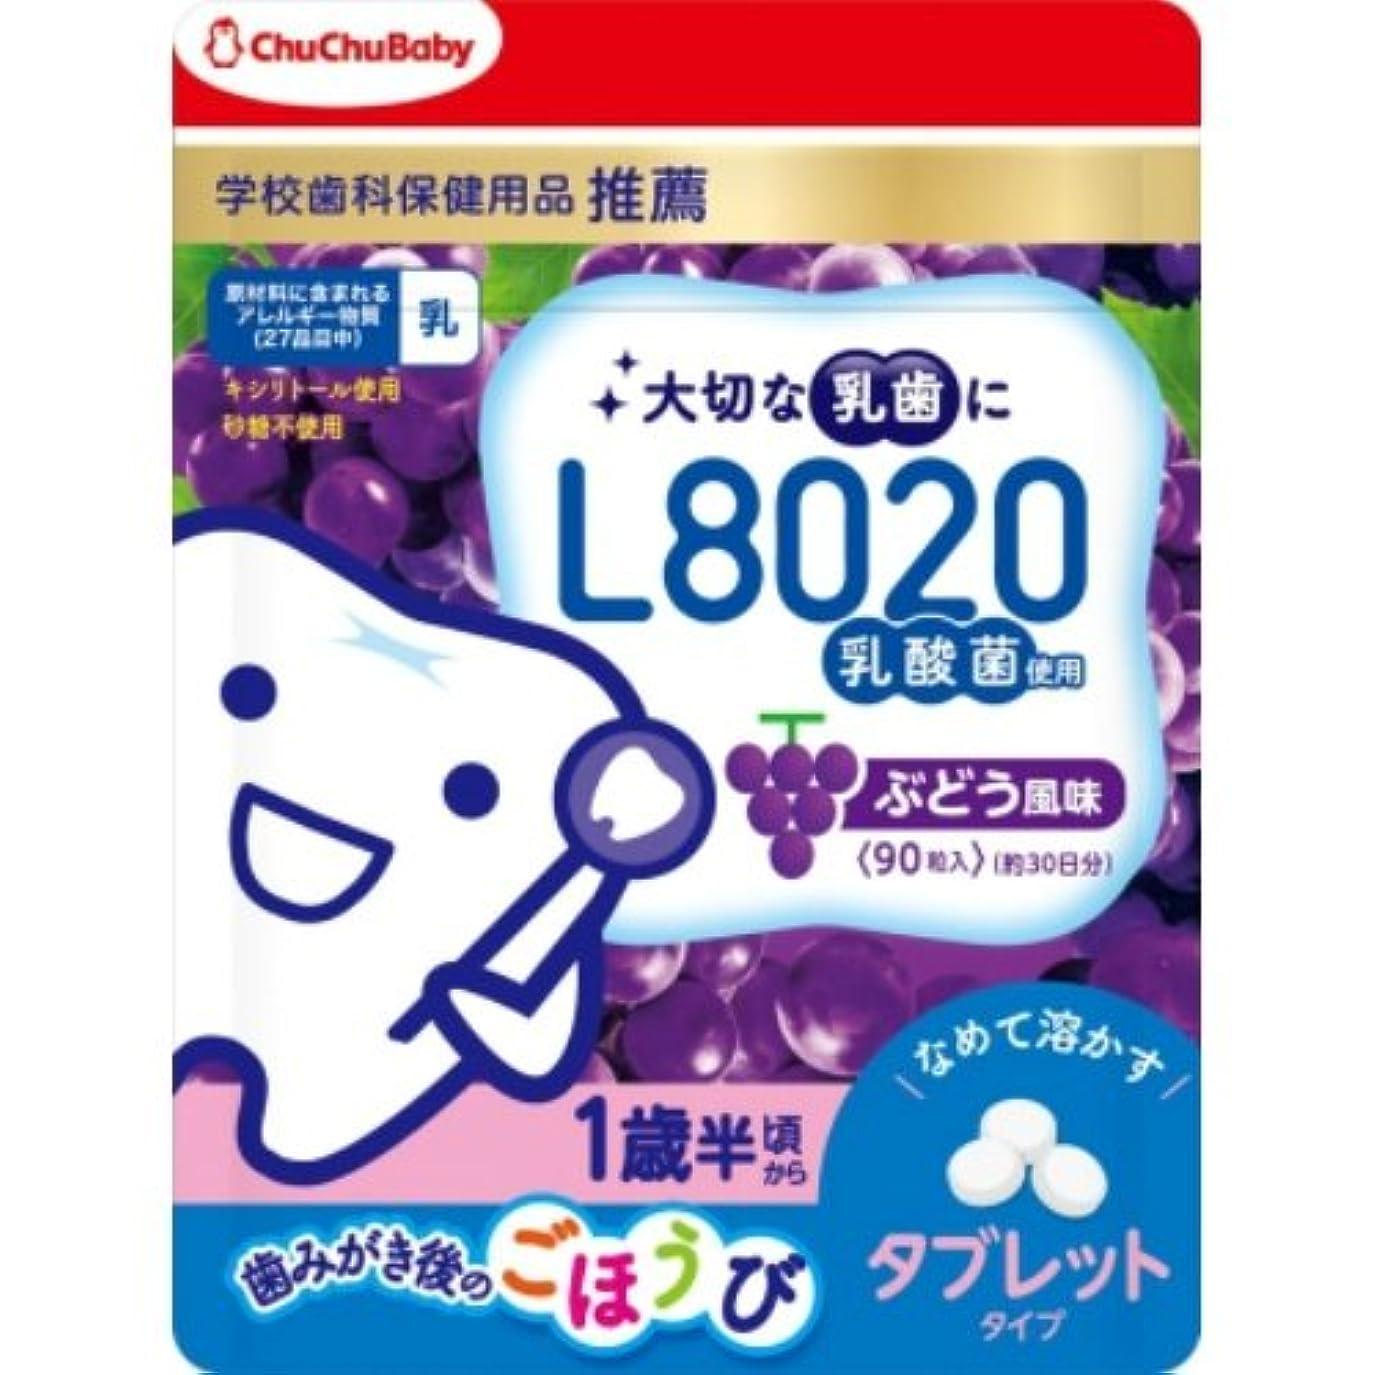 飛躍ビート汚いL8020乳酸菌チュチュベビータブレットぶどう風味 × 5個セット